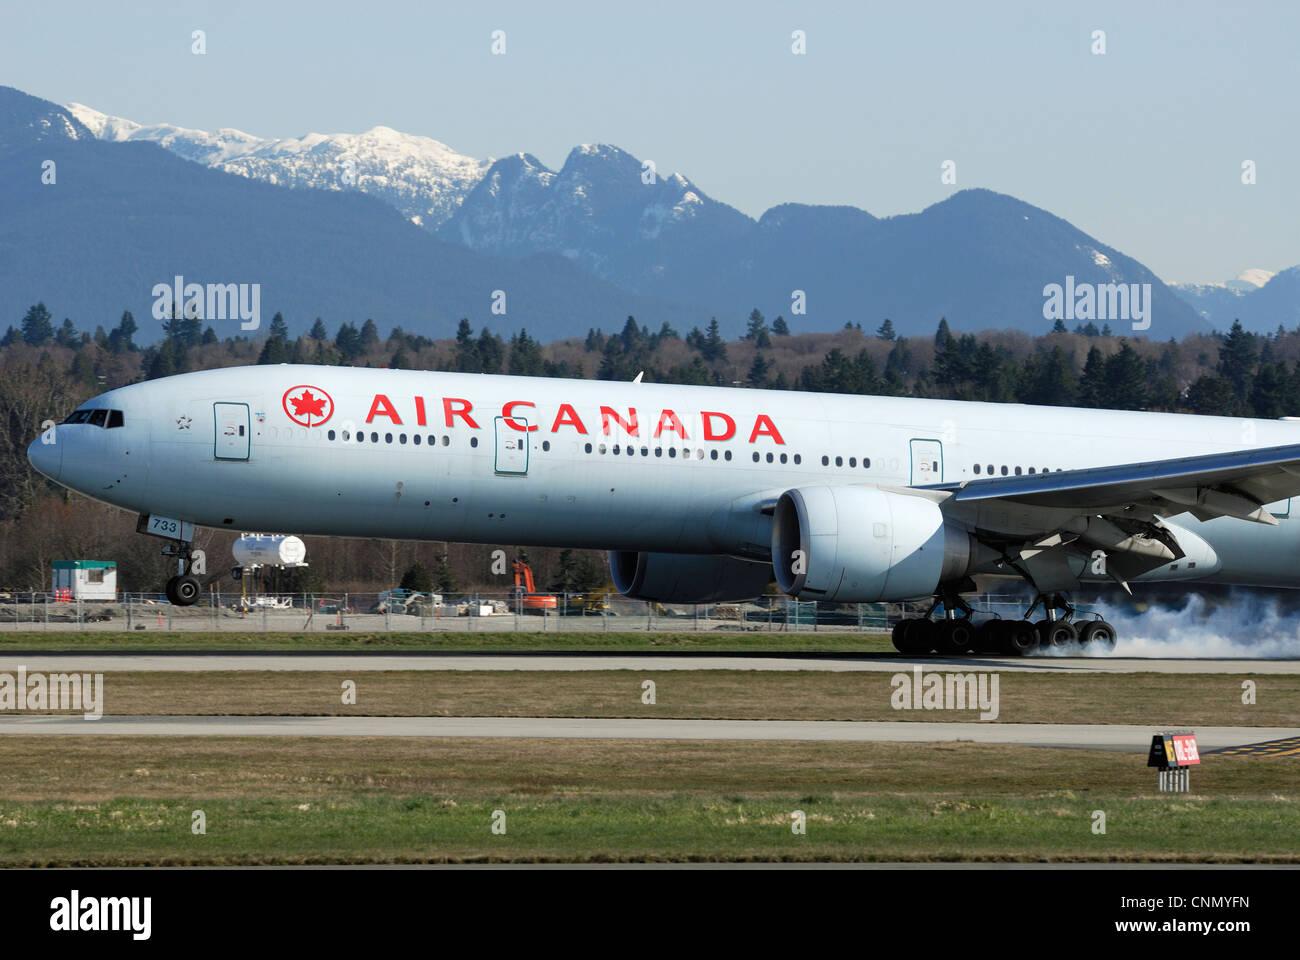 Air Canada C-FITW Boeing 777 (333/ER) avión comercial de aterrizar en el Aeropuerto Internacional de Vancouver. Foto de stock